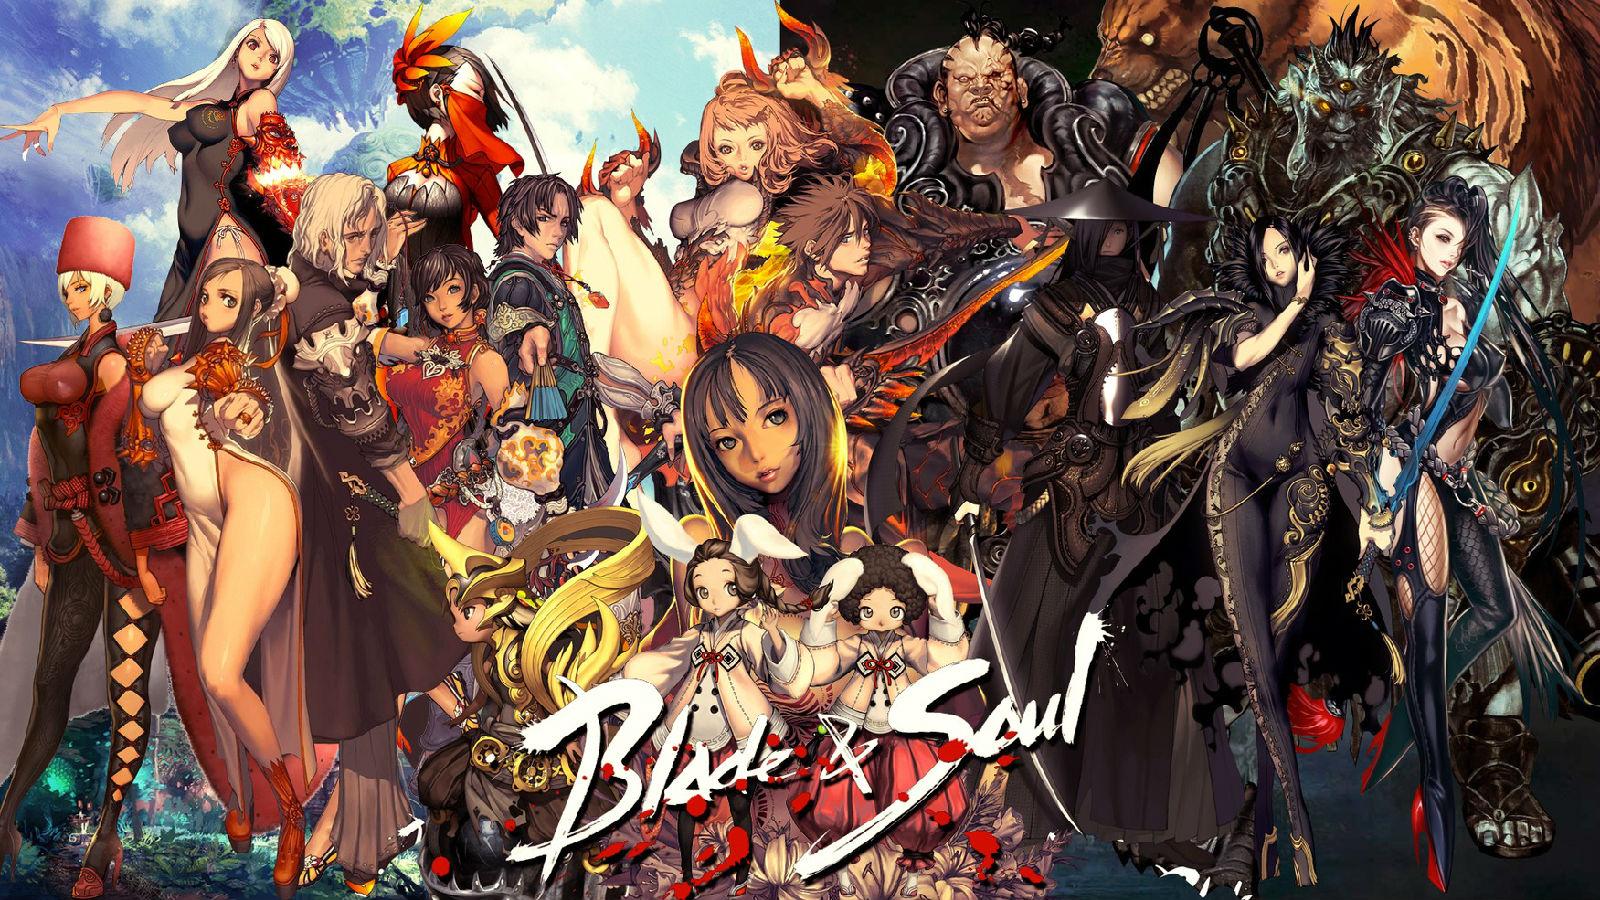 Blade & Soul: So schauen die Talentbäume aus